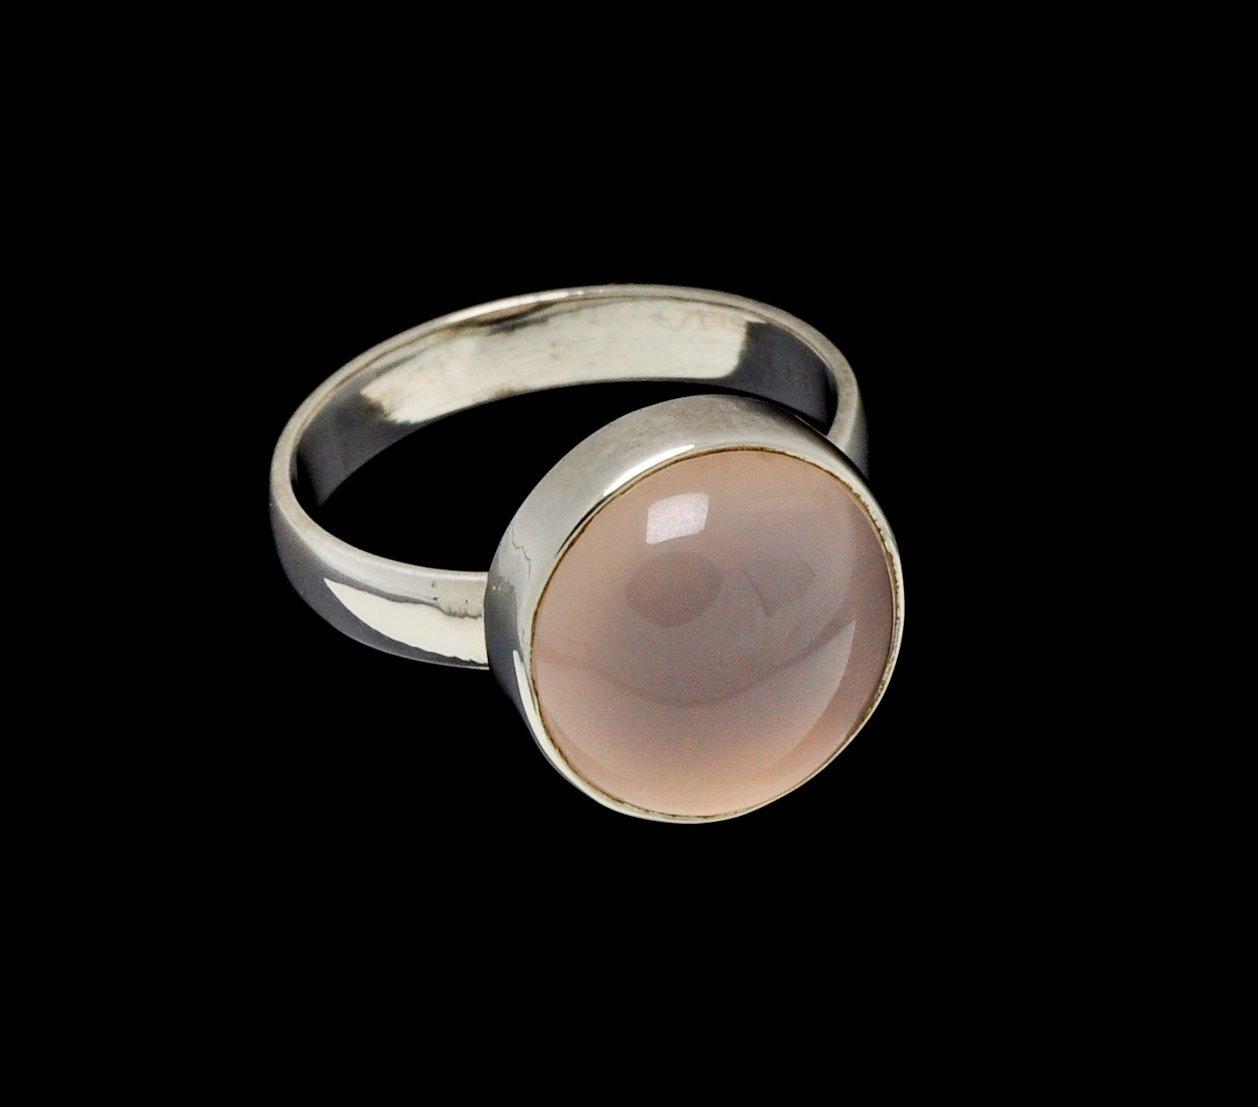 Rose Quartz Ring 14mm Round Cut